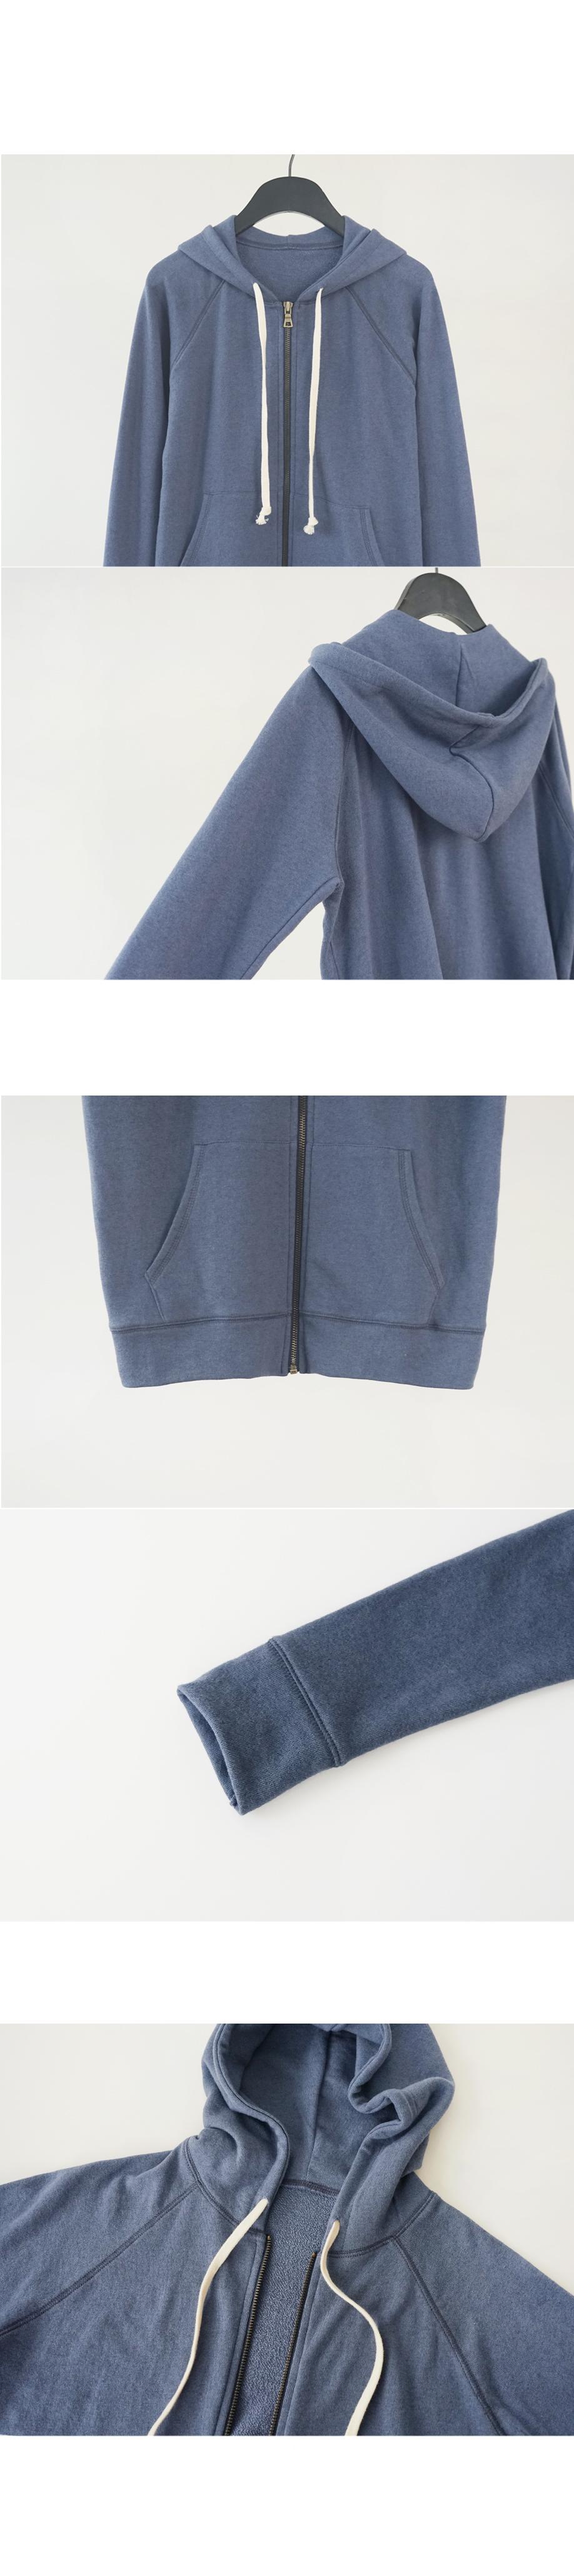 easy tidy hood zip-up (2colors)